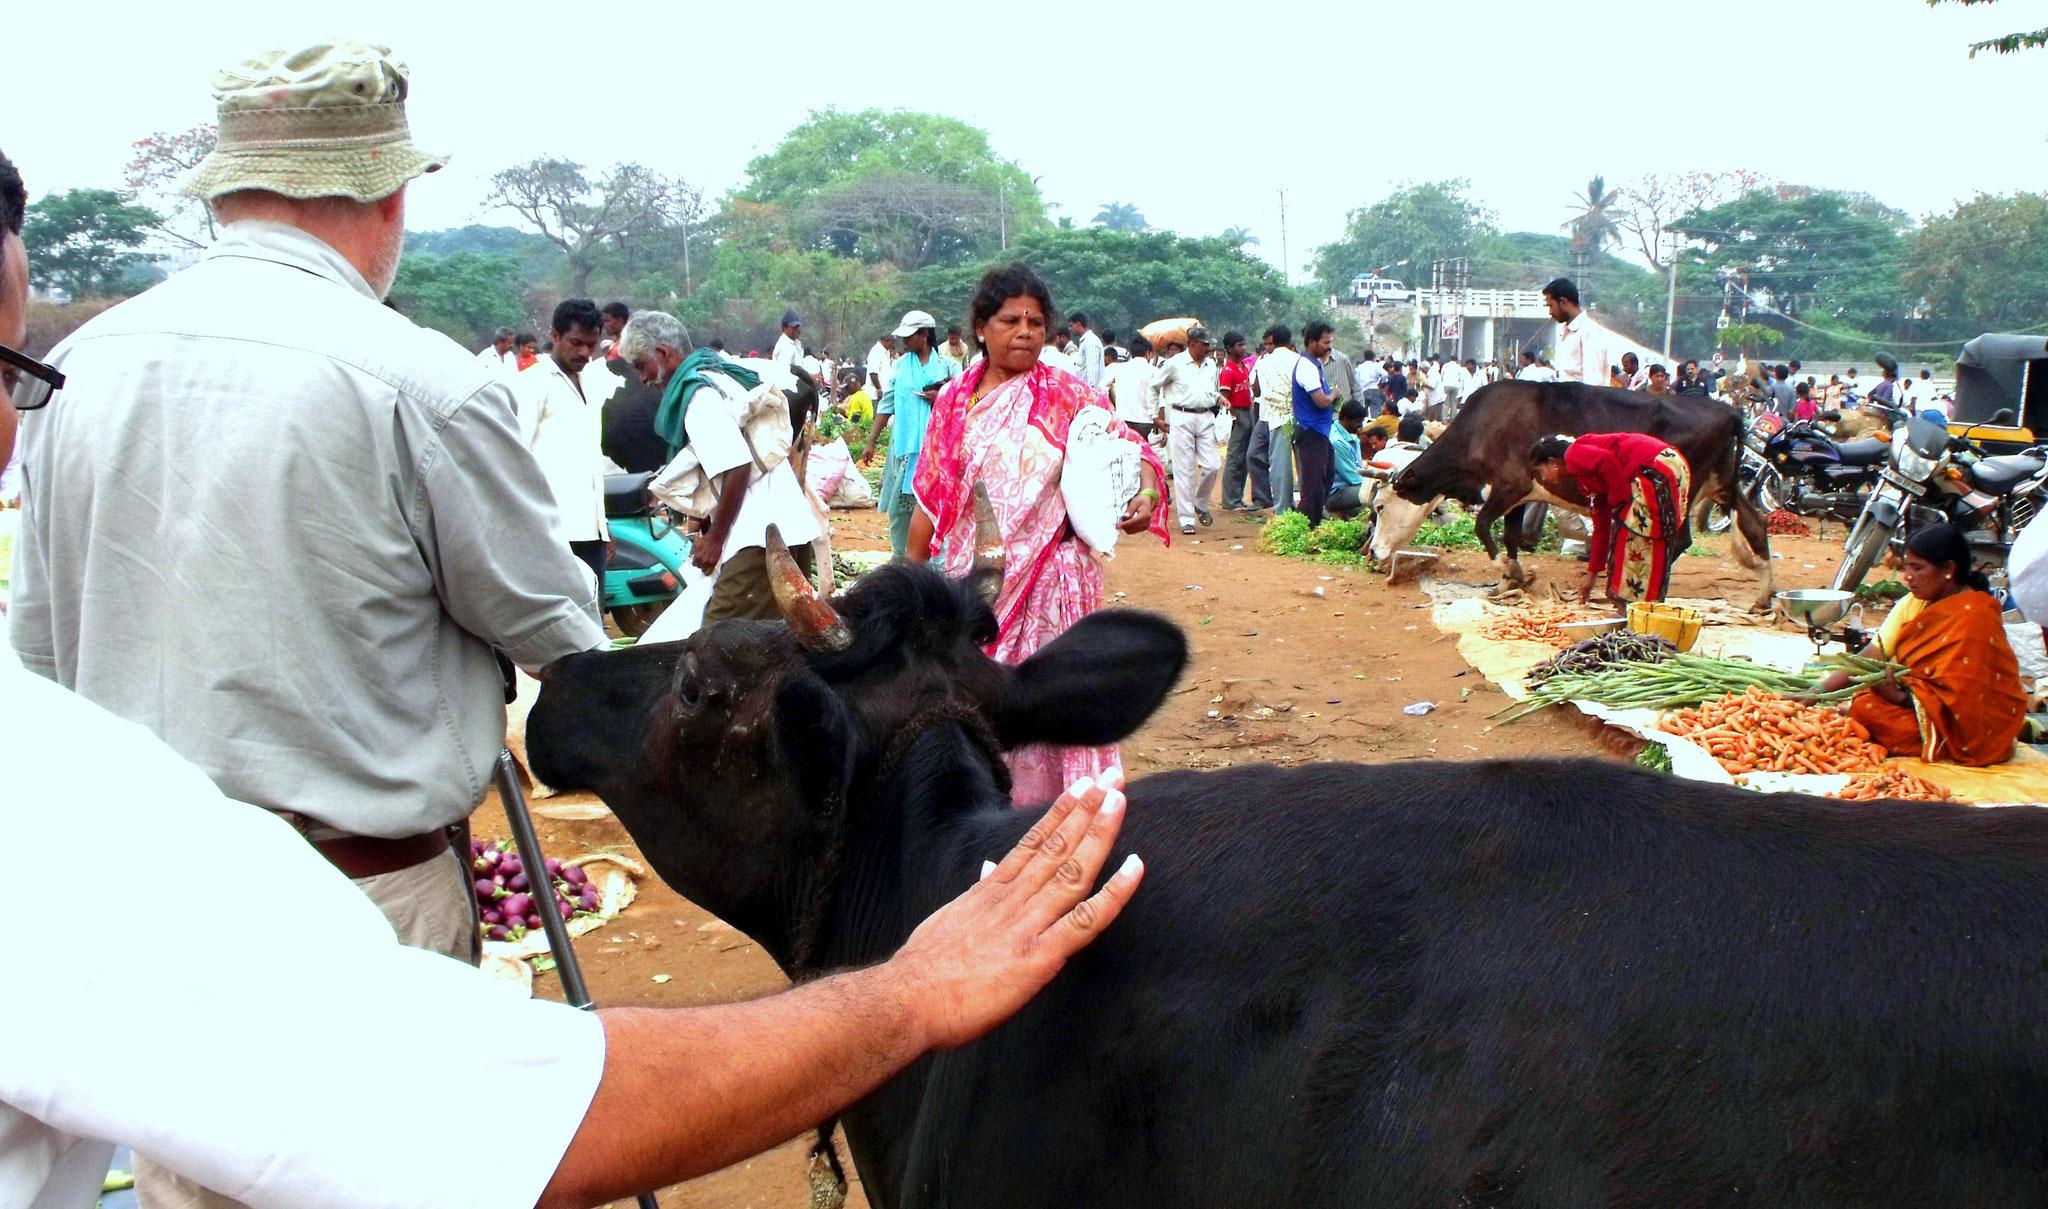 Markt in Indien, Forderung für alle Sinne